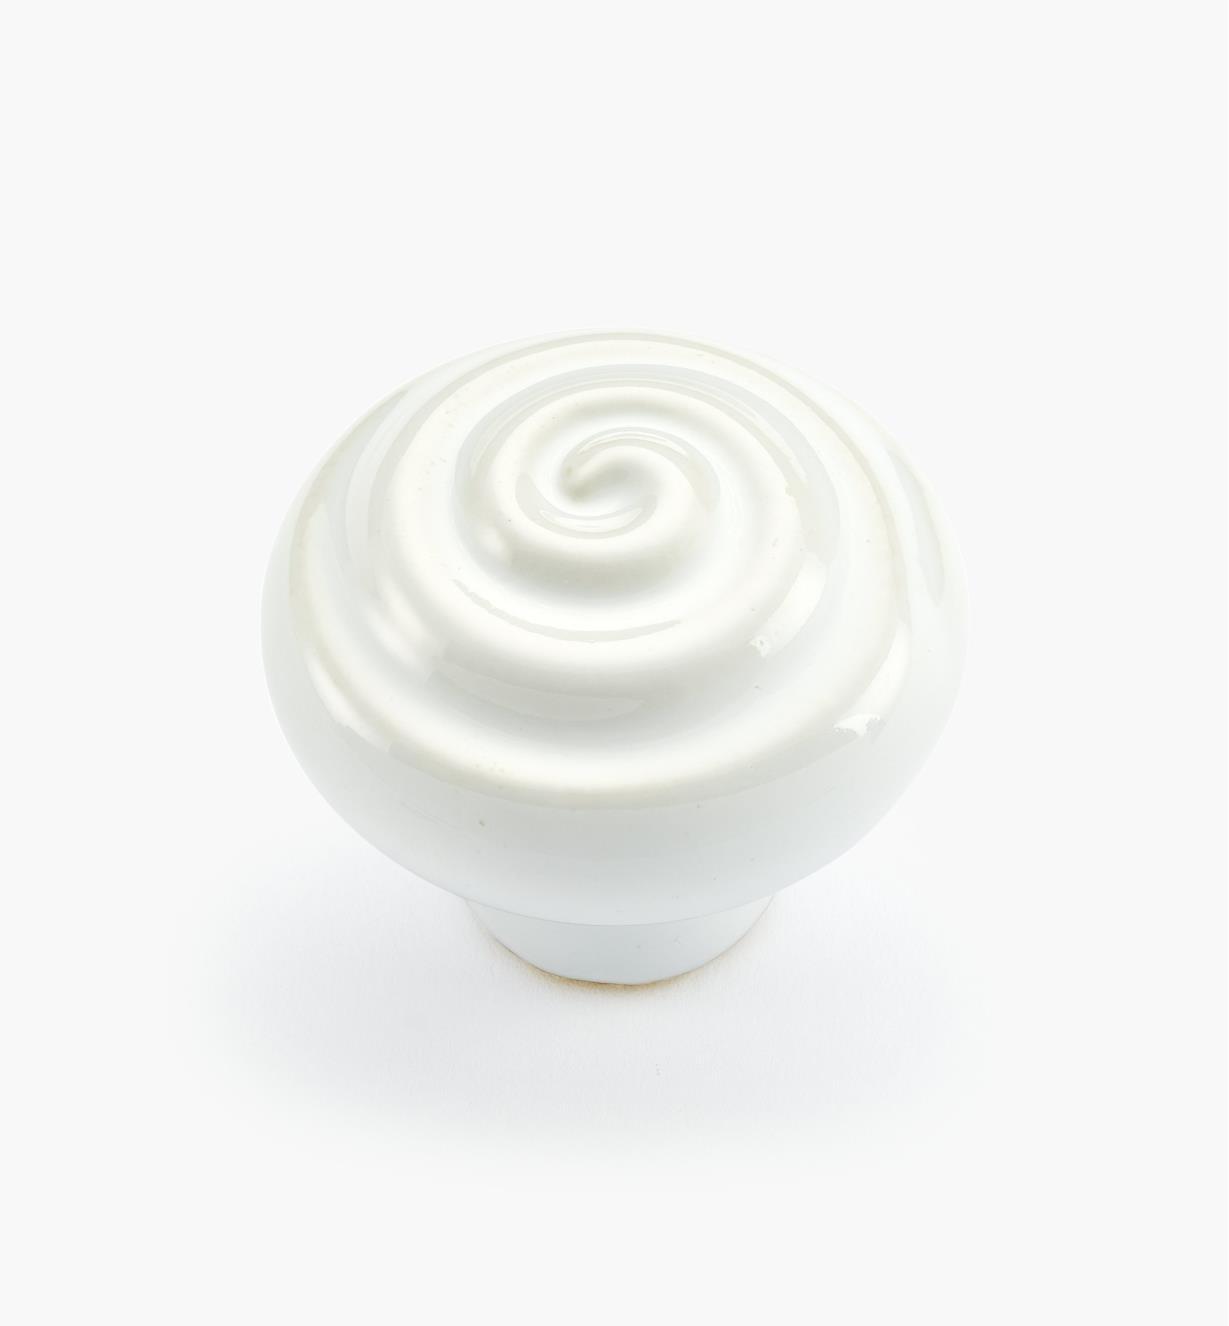 """02W2901 - 1 3/8"""" x 1 1/8"""" Harmony Swirl Knob"""